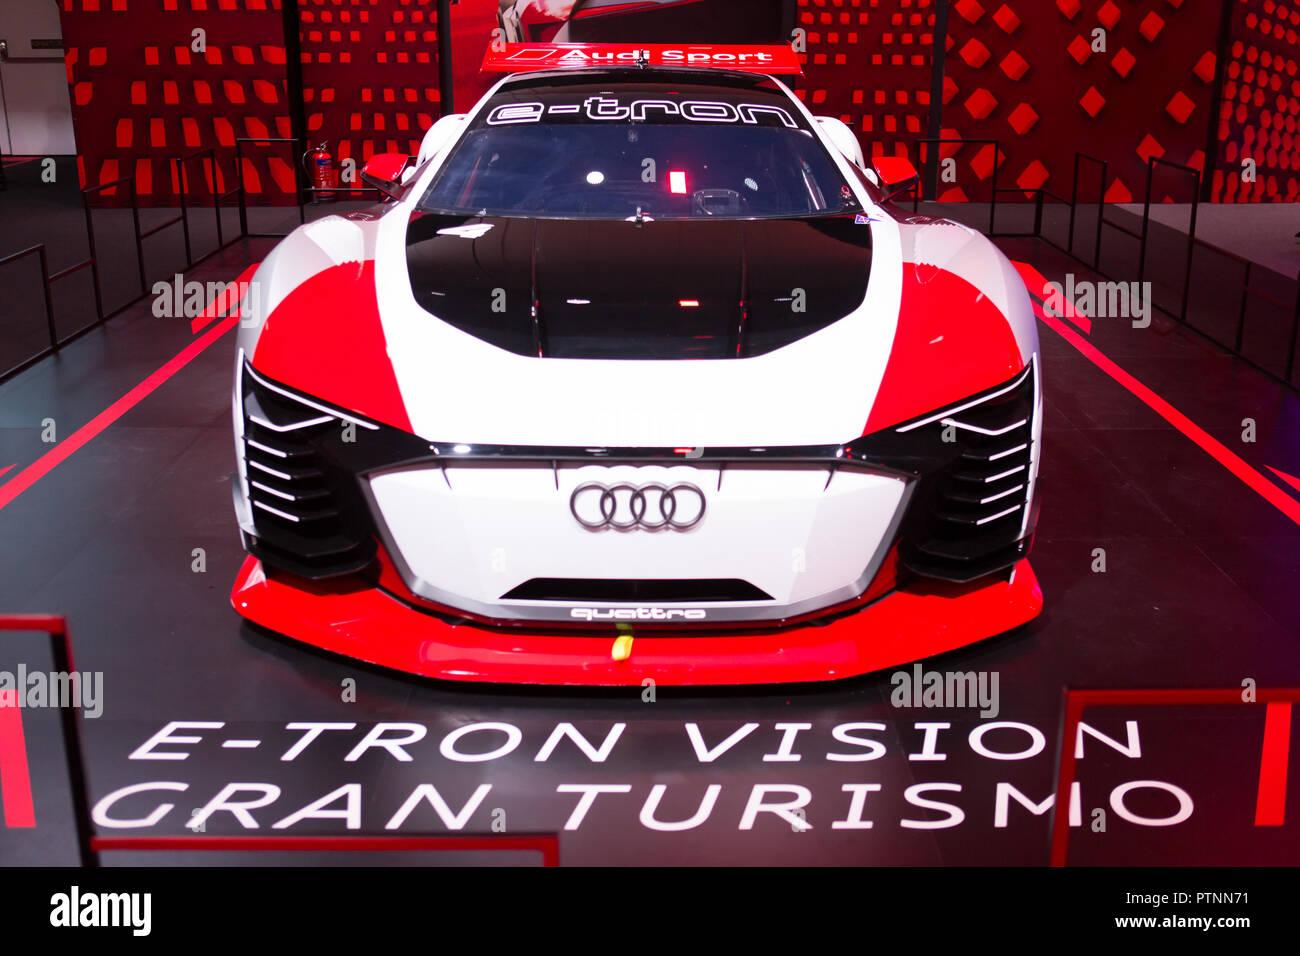 Audi nuovissima esperienza 2018 succedendo a Singapore il 10 ott 2018, Display di E-Tron Vision vettura Gran Turismo. Immagini Stock